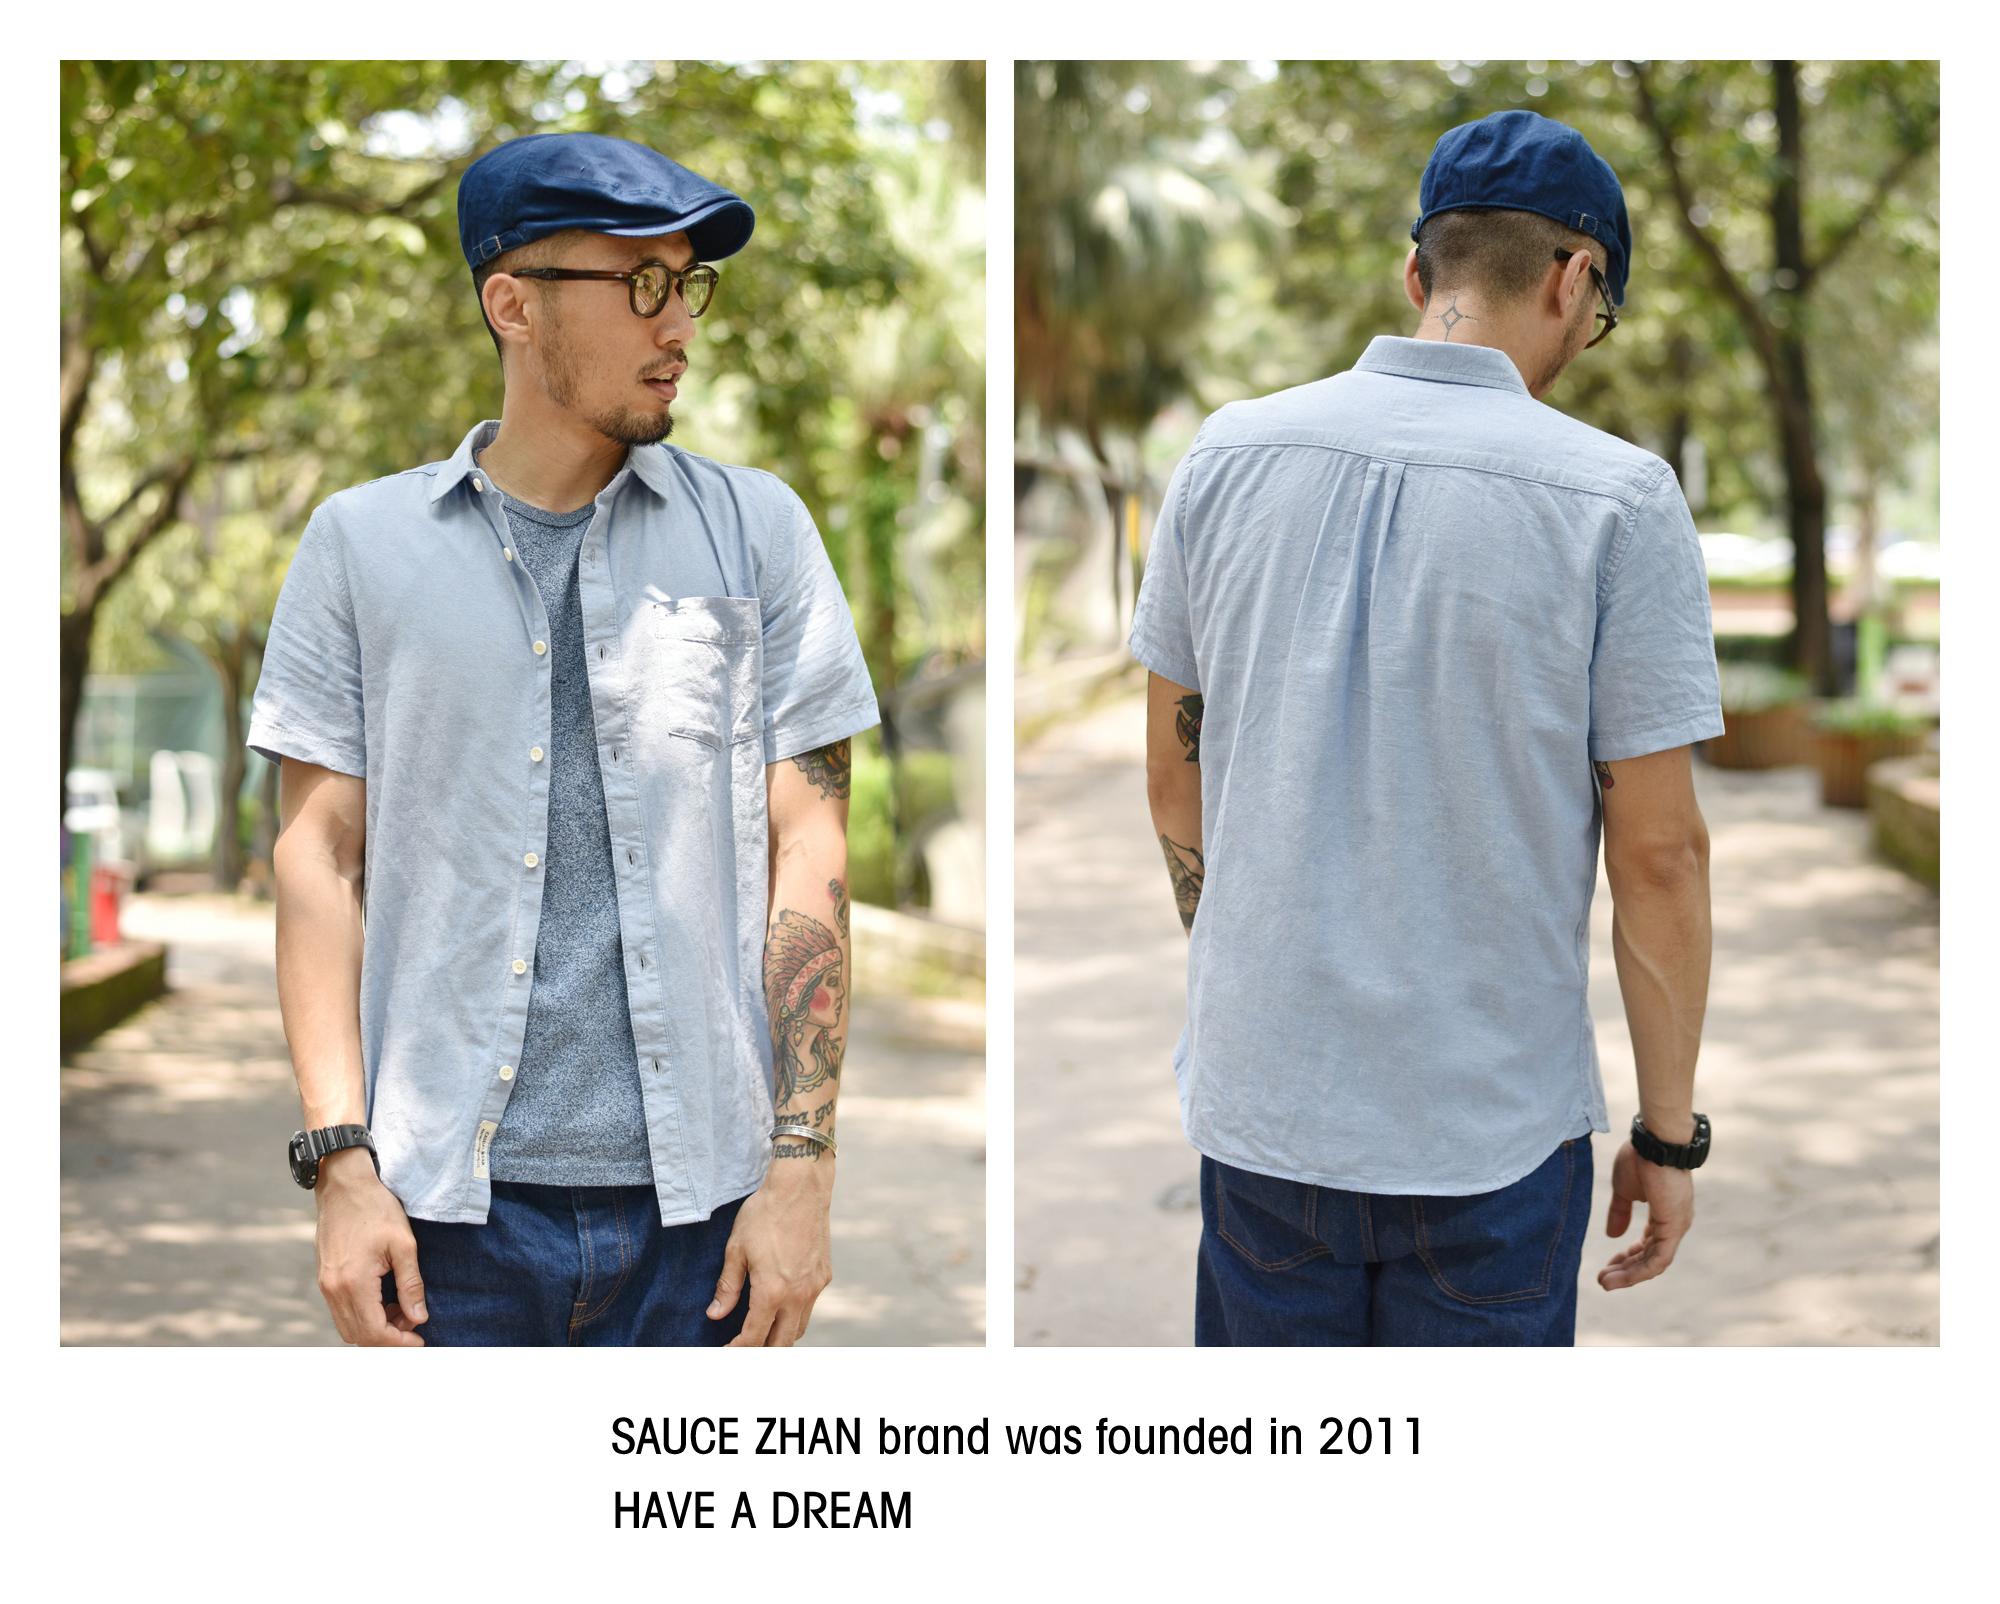 Sauce Summer men's shirt cotton short-sleeved shirt men's casual shirt men's slimmed-down Oxford spinning shirt 48 Online shopping Bangladesh